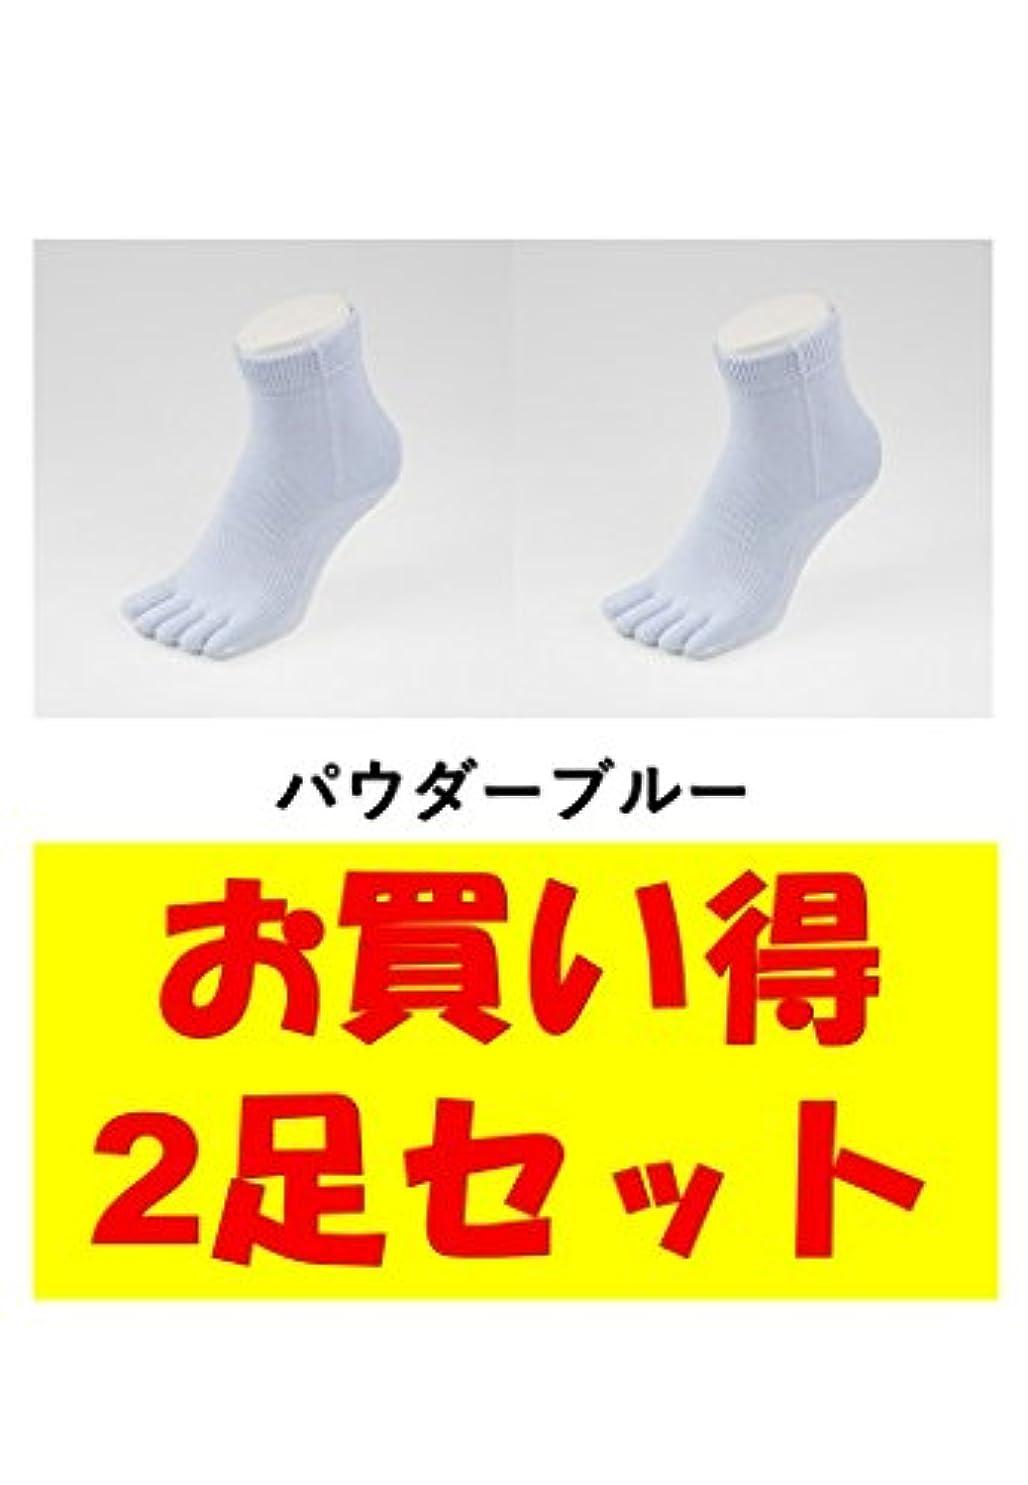 視力見捨てられた届けるお買い得2足セット 5本指 ゆびのばソックス Neo EVE(イヴ) パウダーブルー Sサイズ(21.0cm - 24.0cm) YSNEVE-PBL